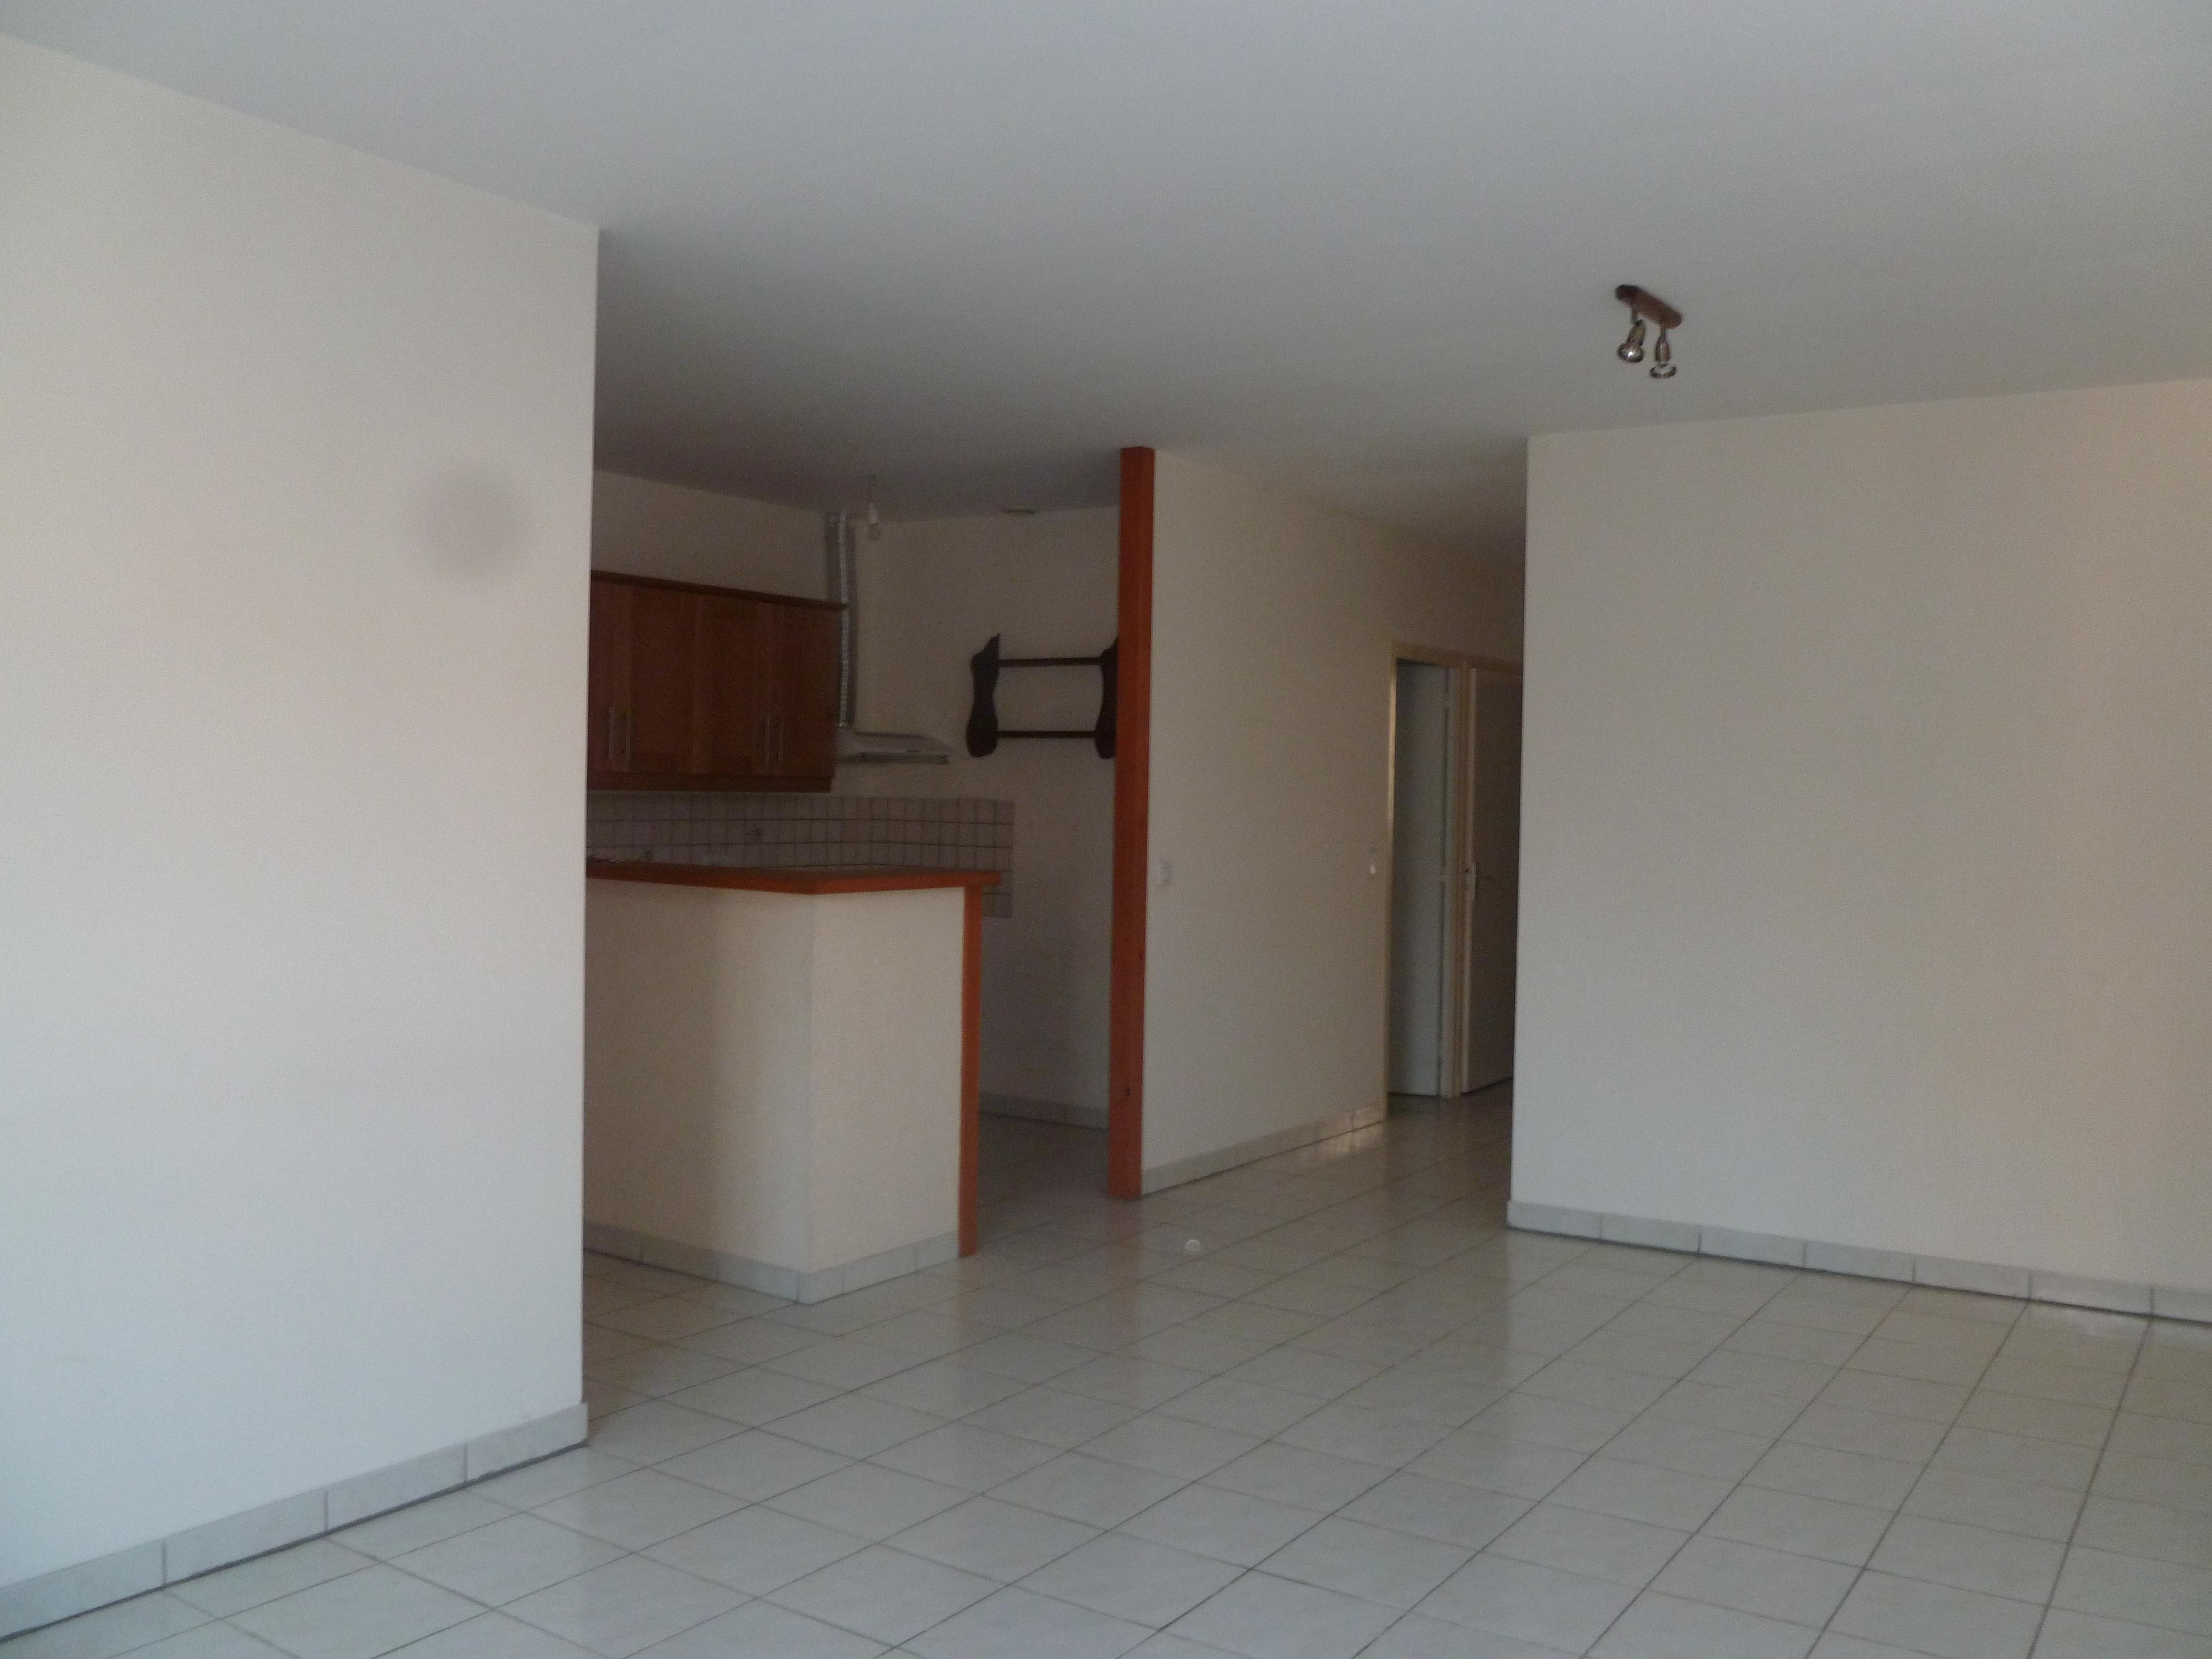 Appartement T4 avec balcon à louer à CAJARC